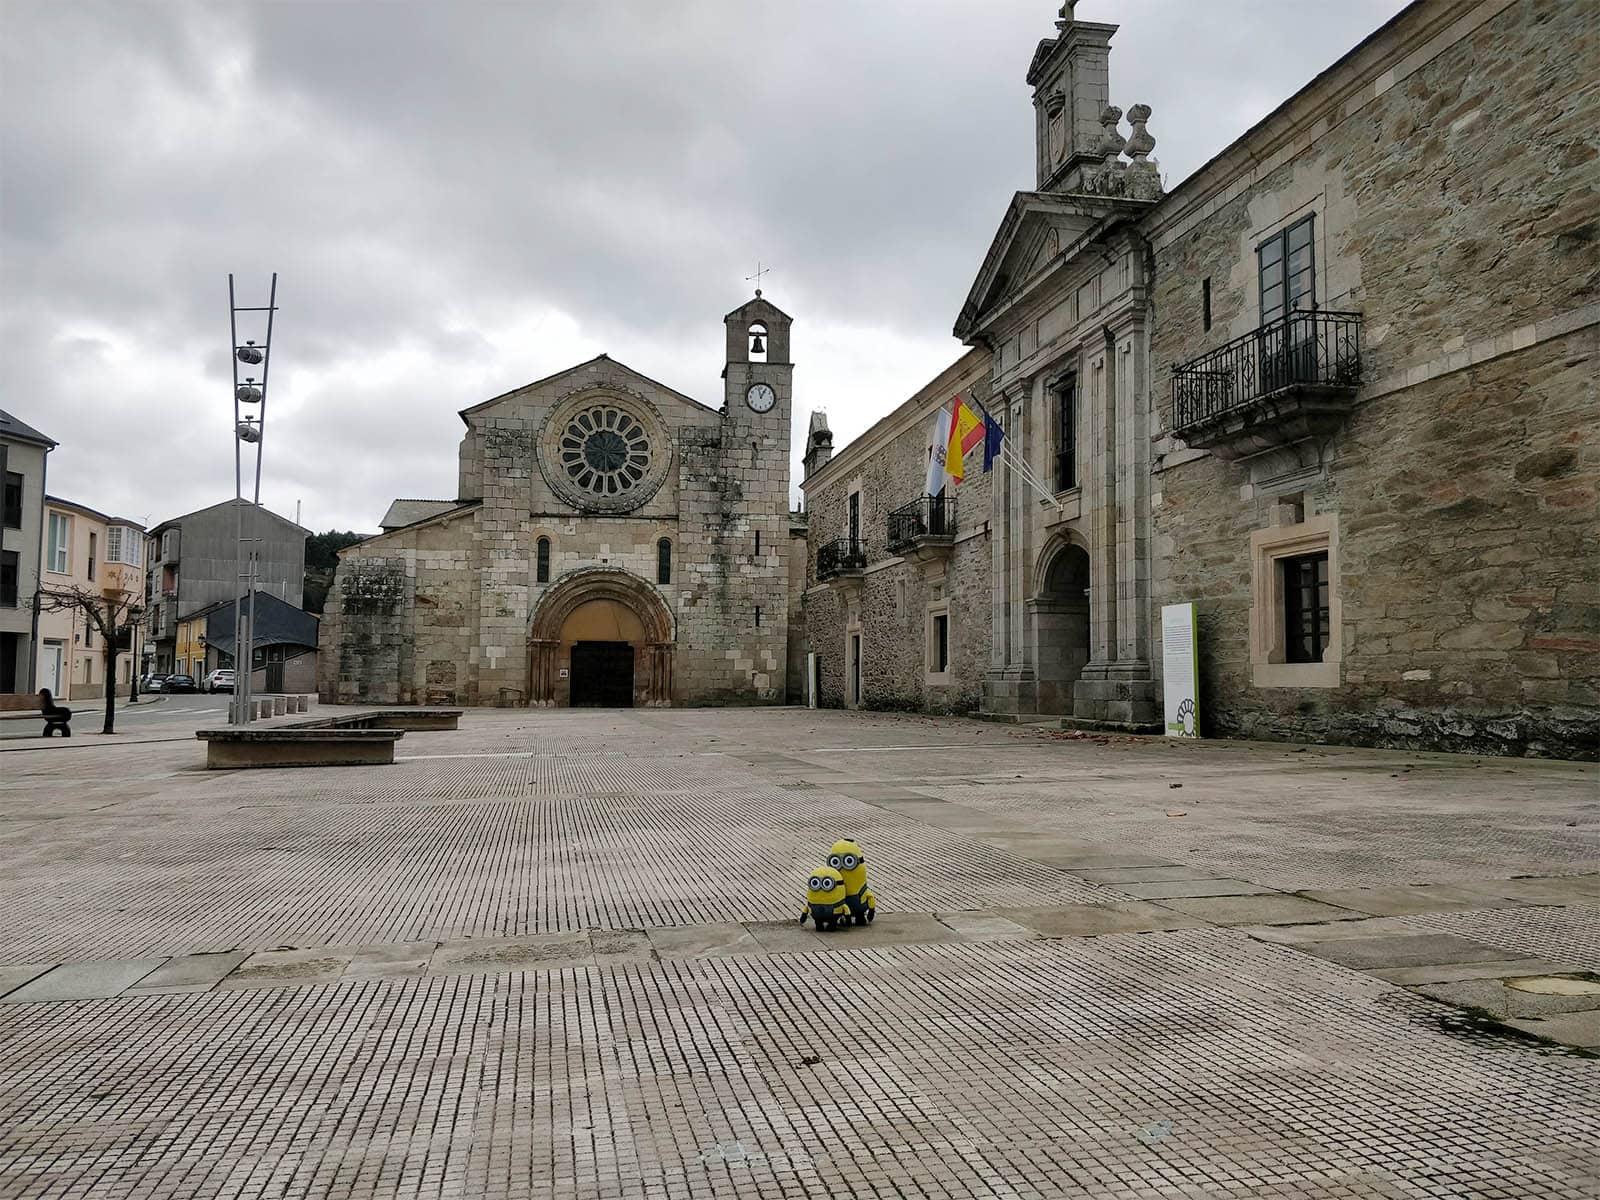 El Monasterio de Santa María de Meira, una joya cisterciense en Galicia